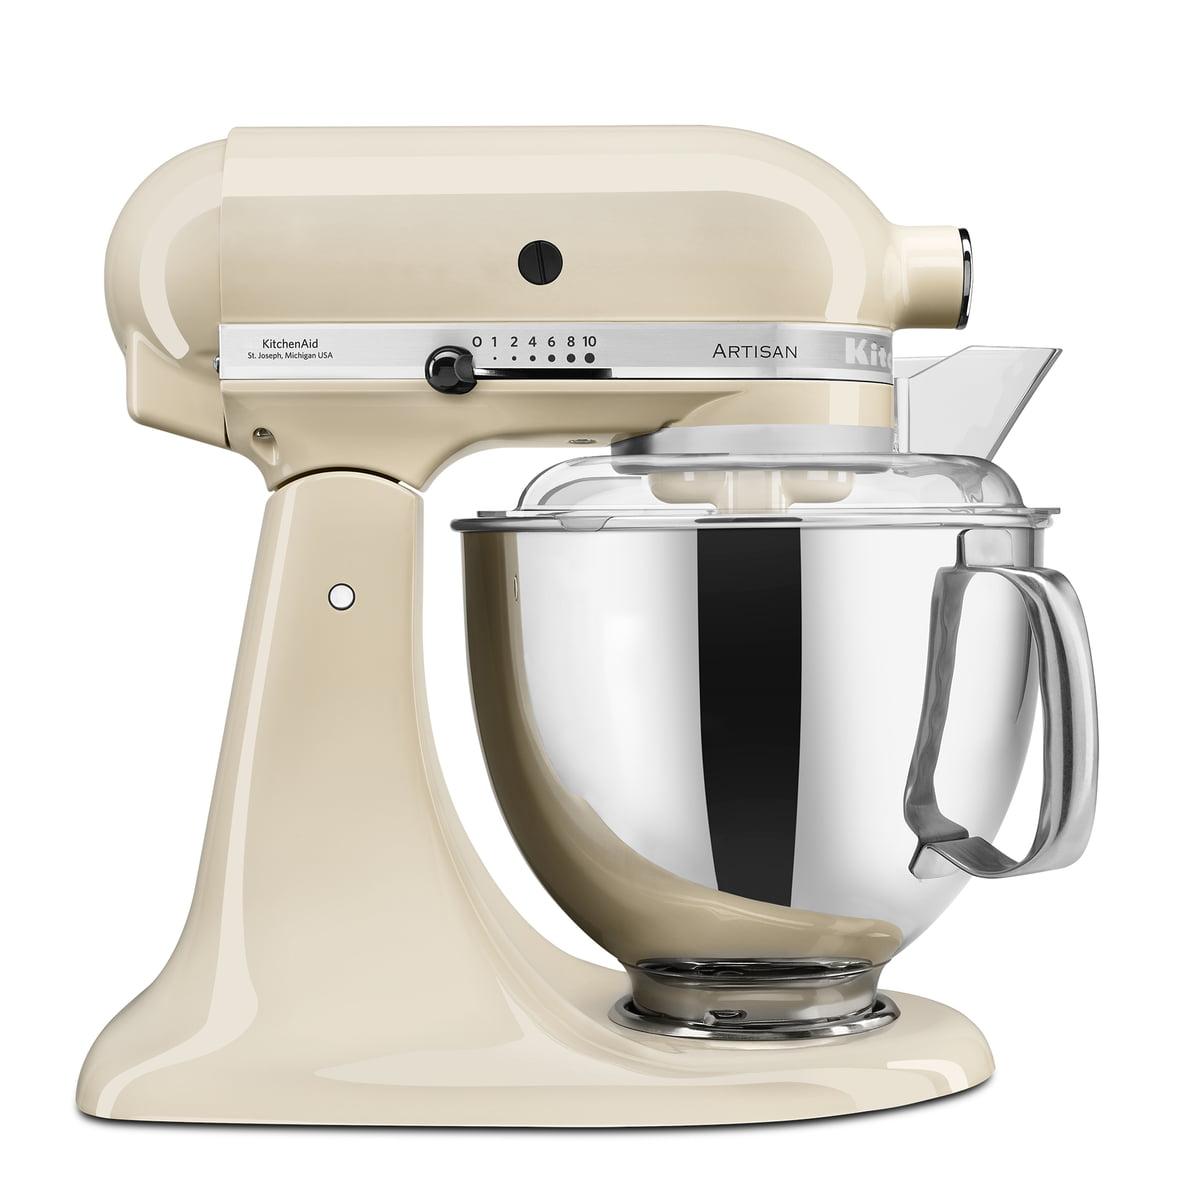 KitchenAid - Artisan Küchenmaschine 4.8 l, créme | Küche und Esszimmer > Küchengeräte > Rührgeräte und Mixer | Kitchen Aid